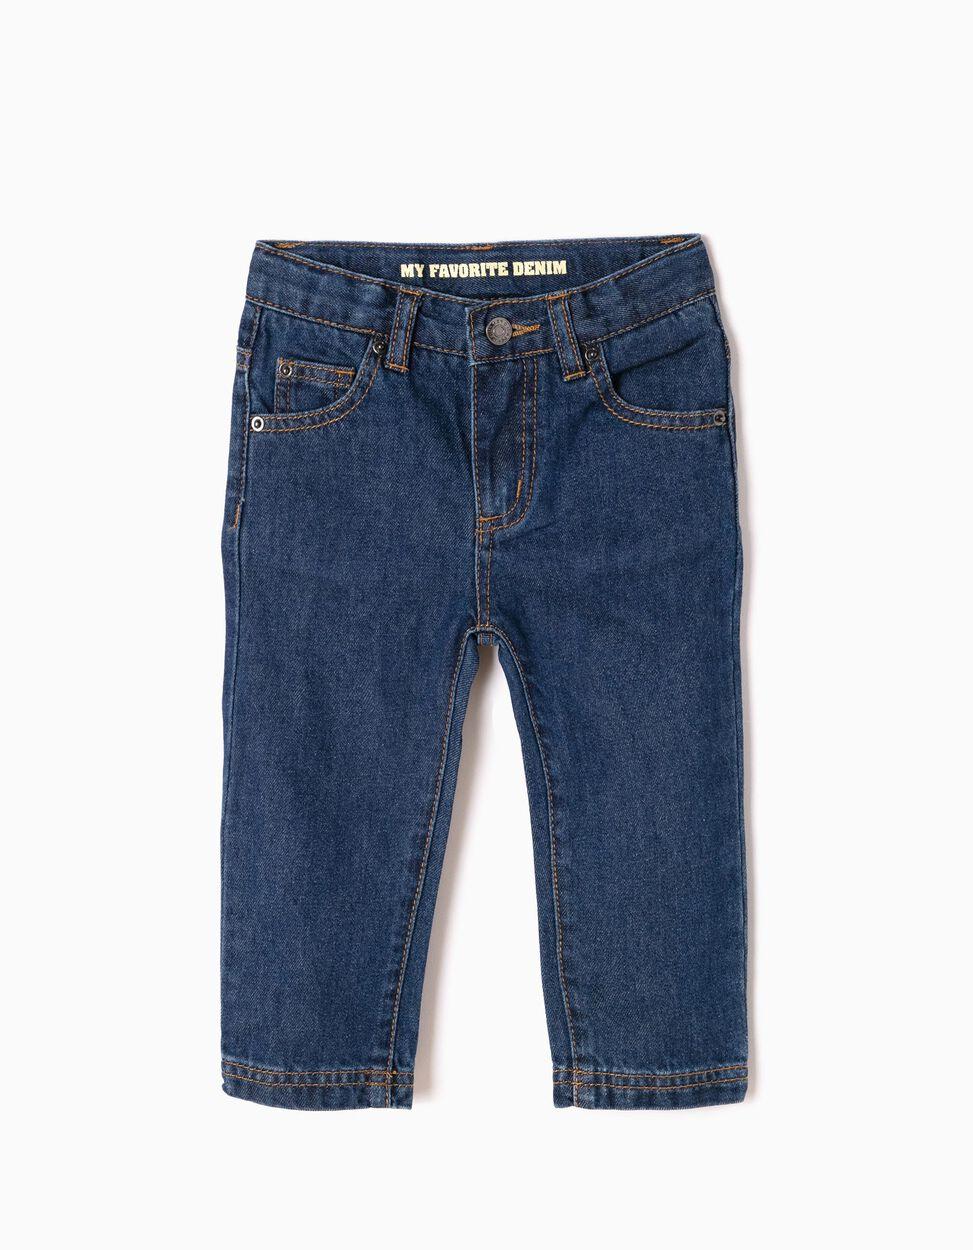 Pantalon Vaquero Para Bebe Nino Regular Fit Azul Oscuro Zy Baby Zippy Online